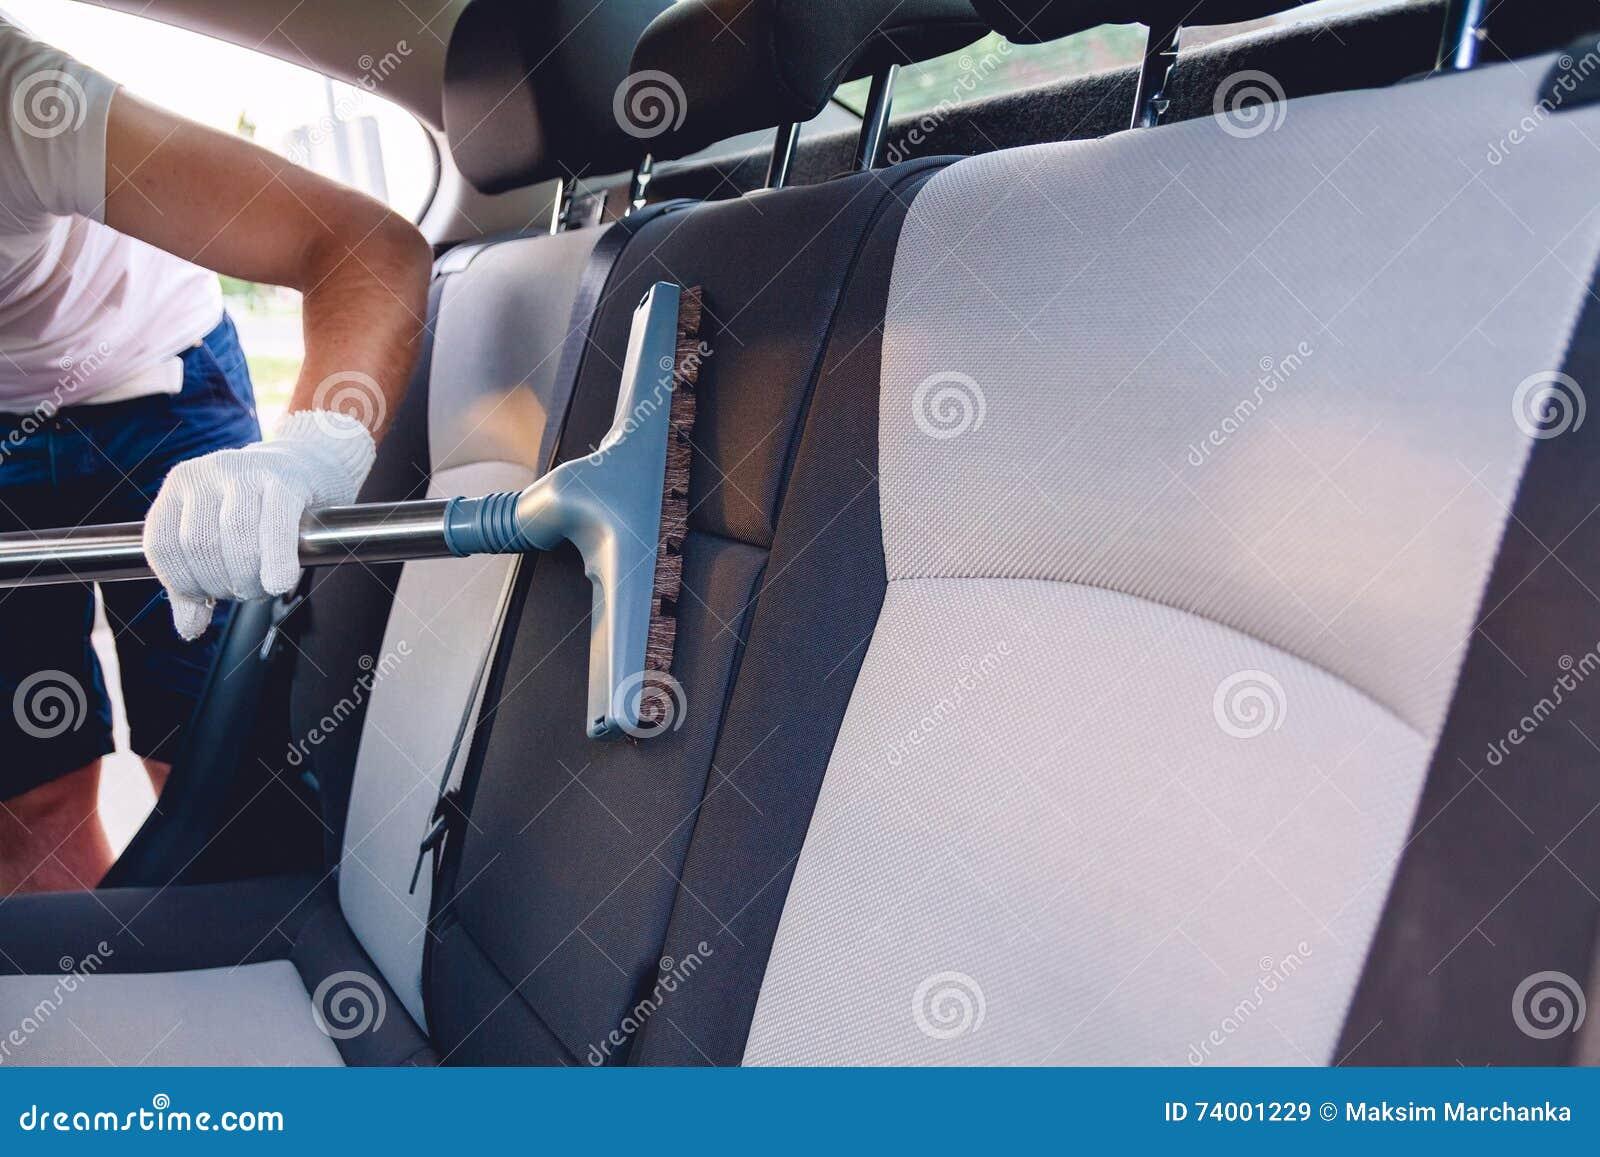 Vacuüm schoonmakende autozetels